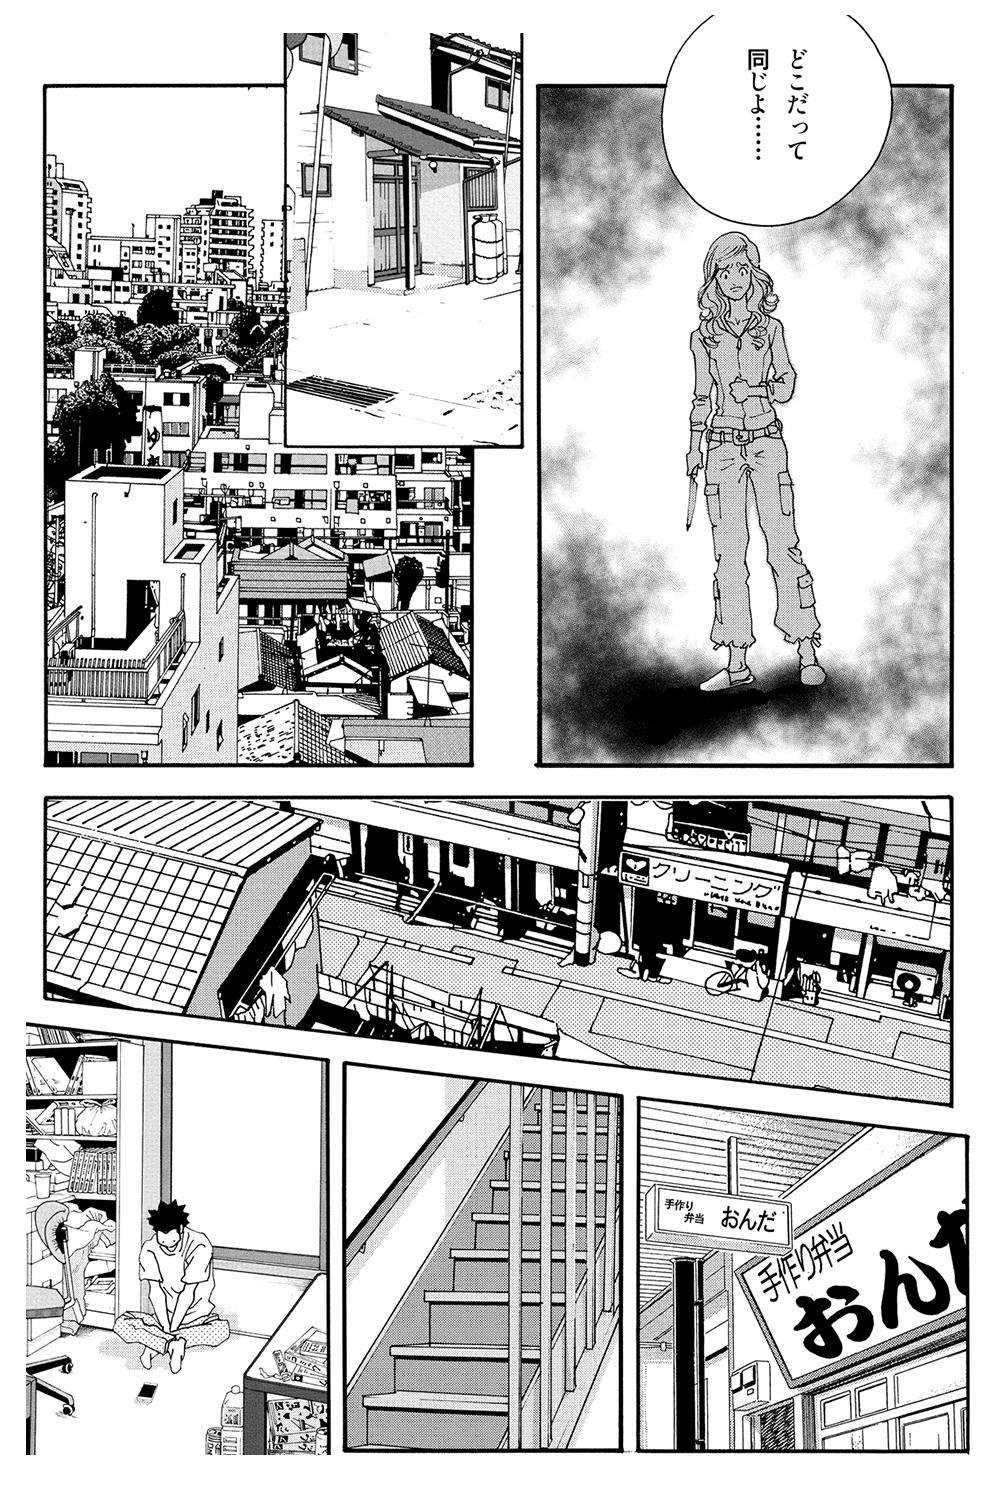 ヘルプマン!! 第1話「フリー介護士現る!」help1-13.jpg